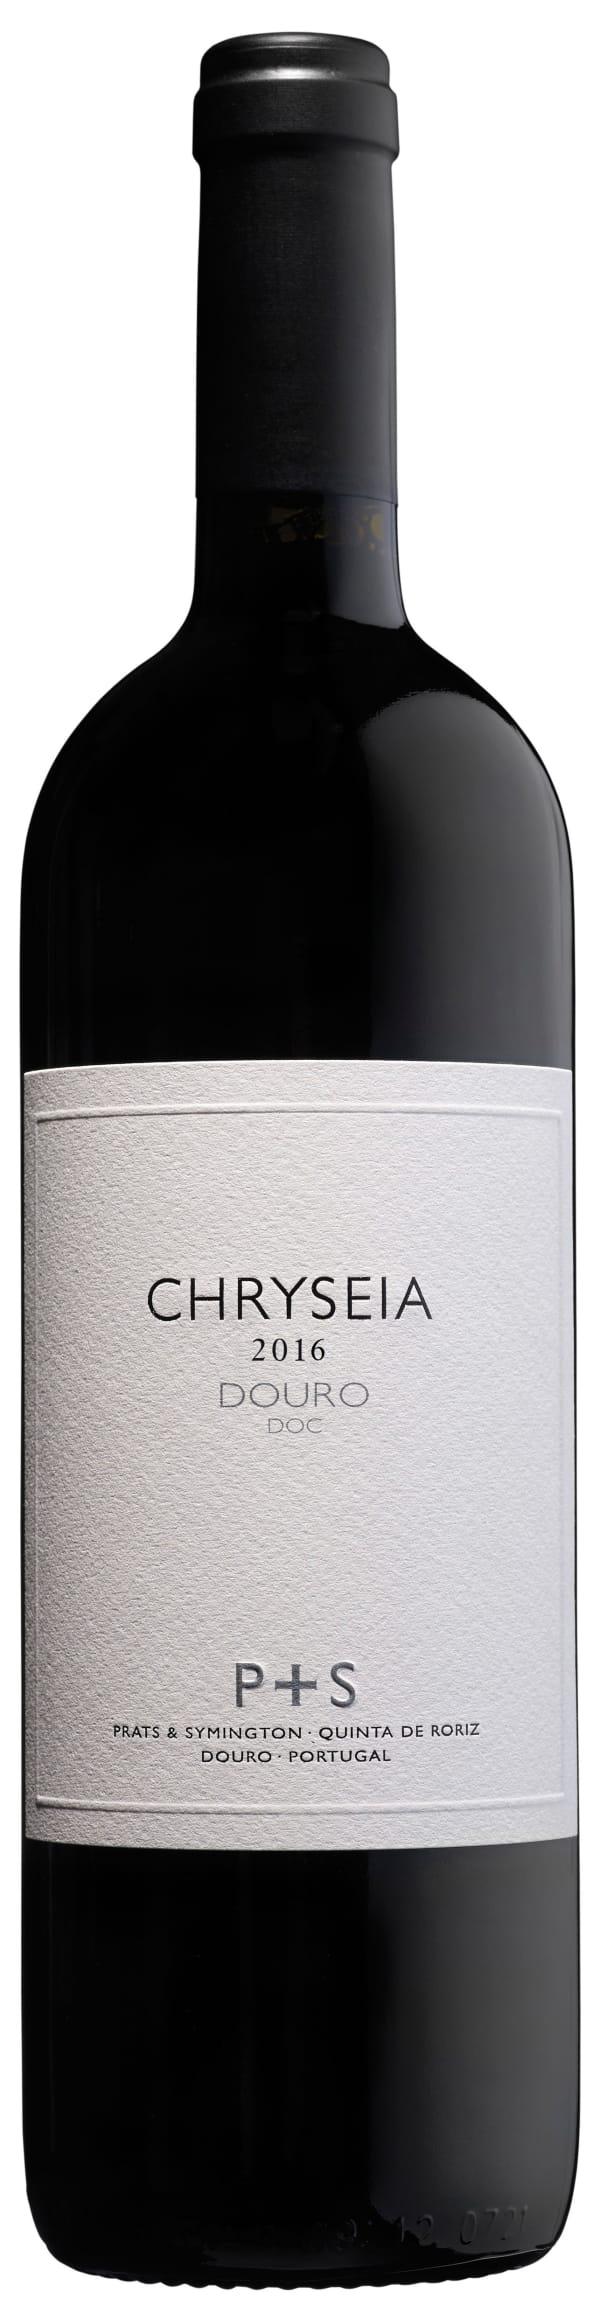 Chryseia 2016